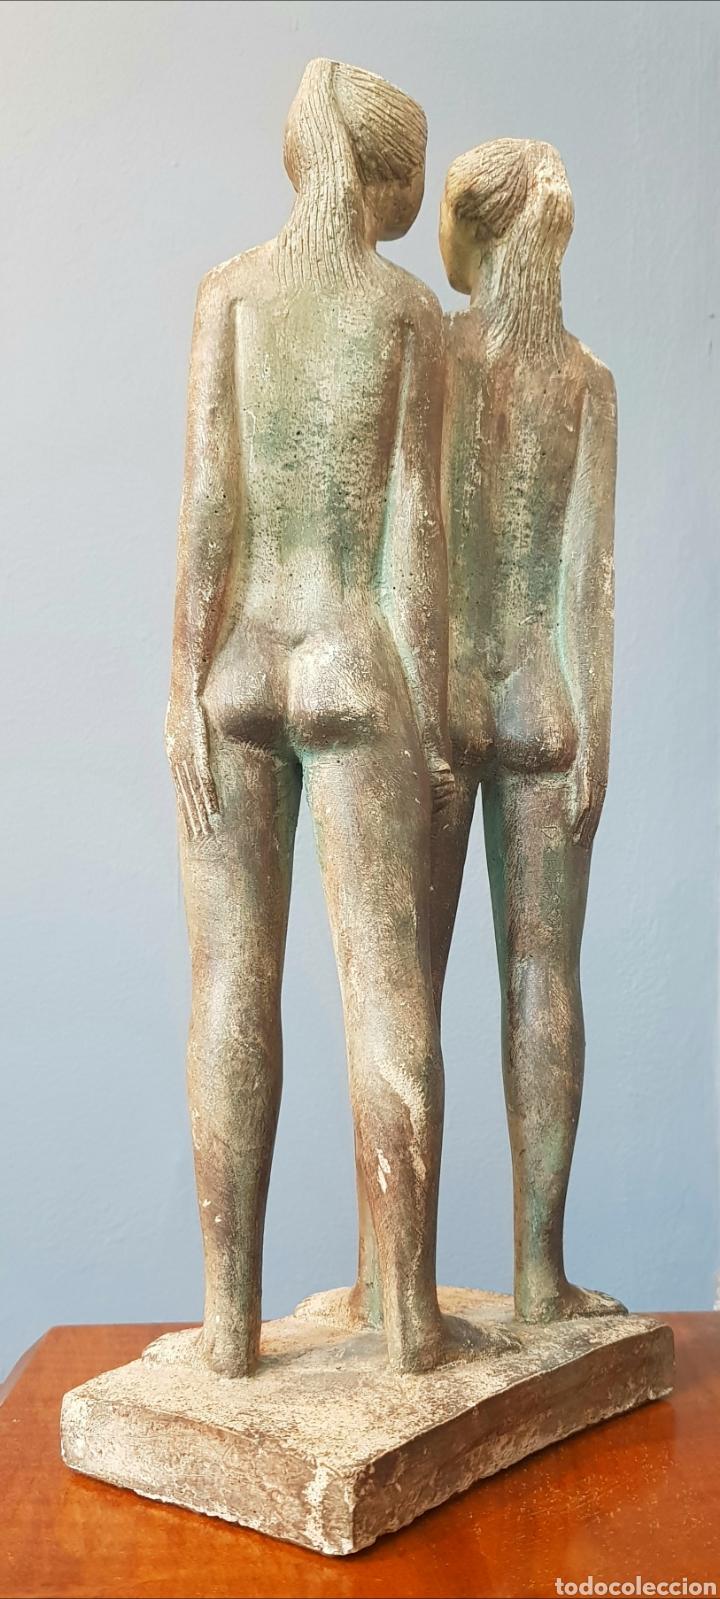 Arte: Chuck Dodson, preciosa escultura vintage 2 mujeres en piedra, firmada. - Foto 3 - 159401121